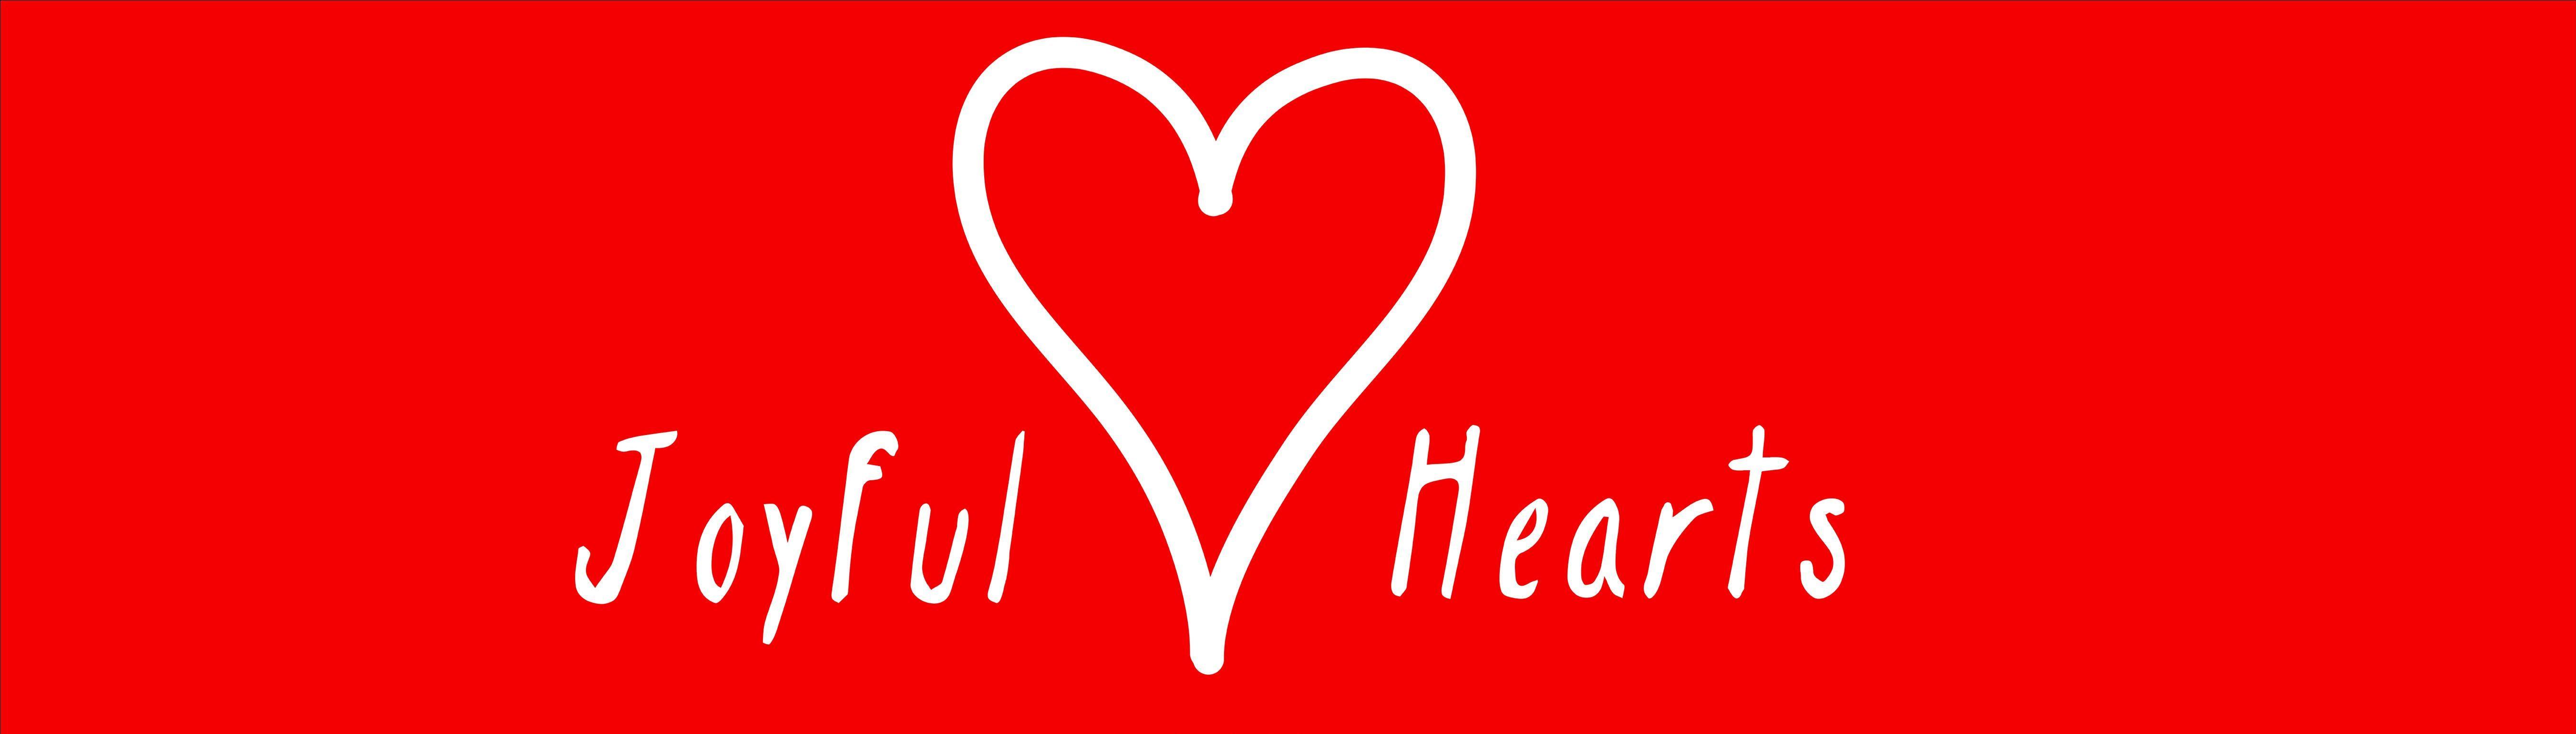 Joyful Hearts Banner